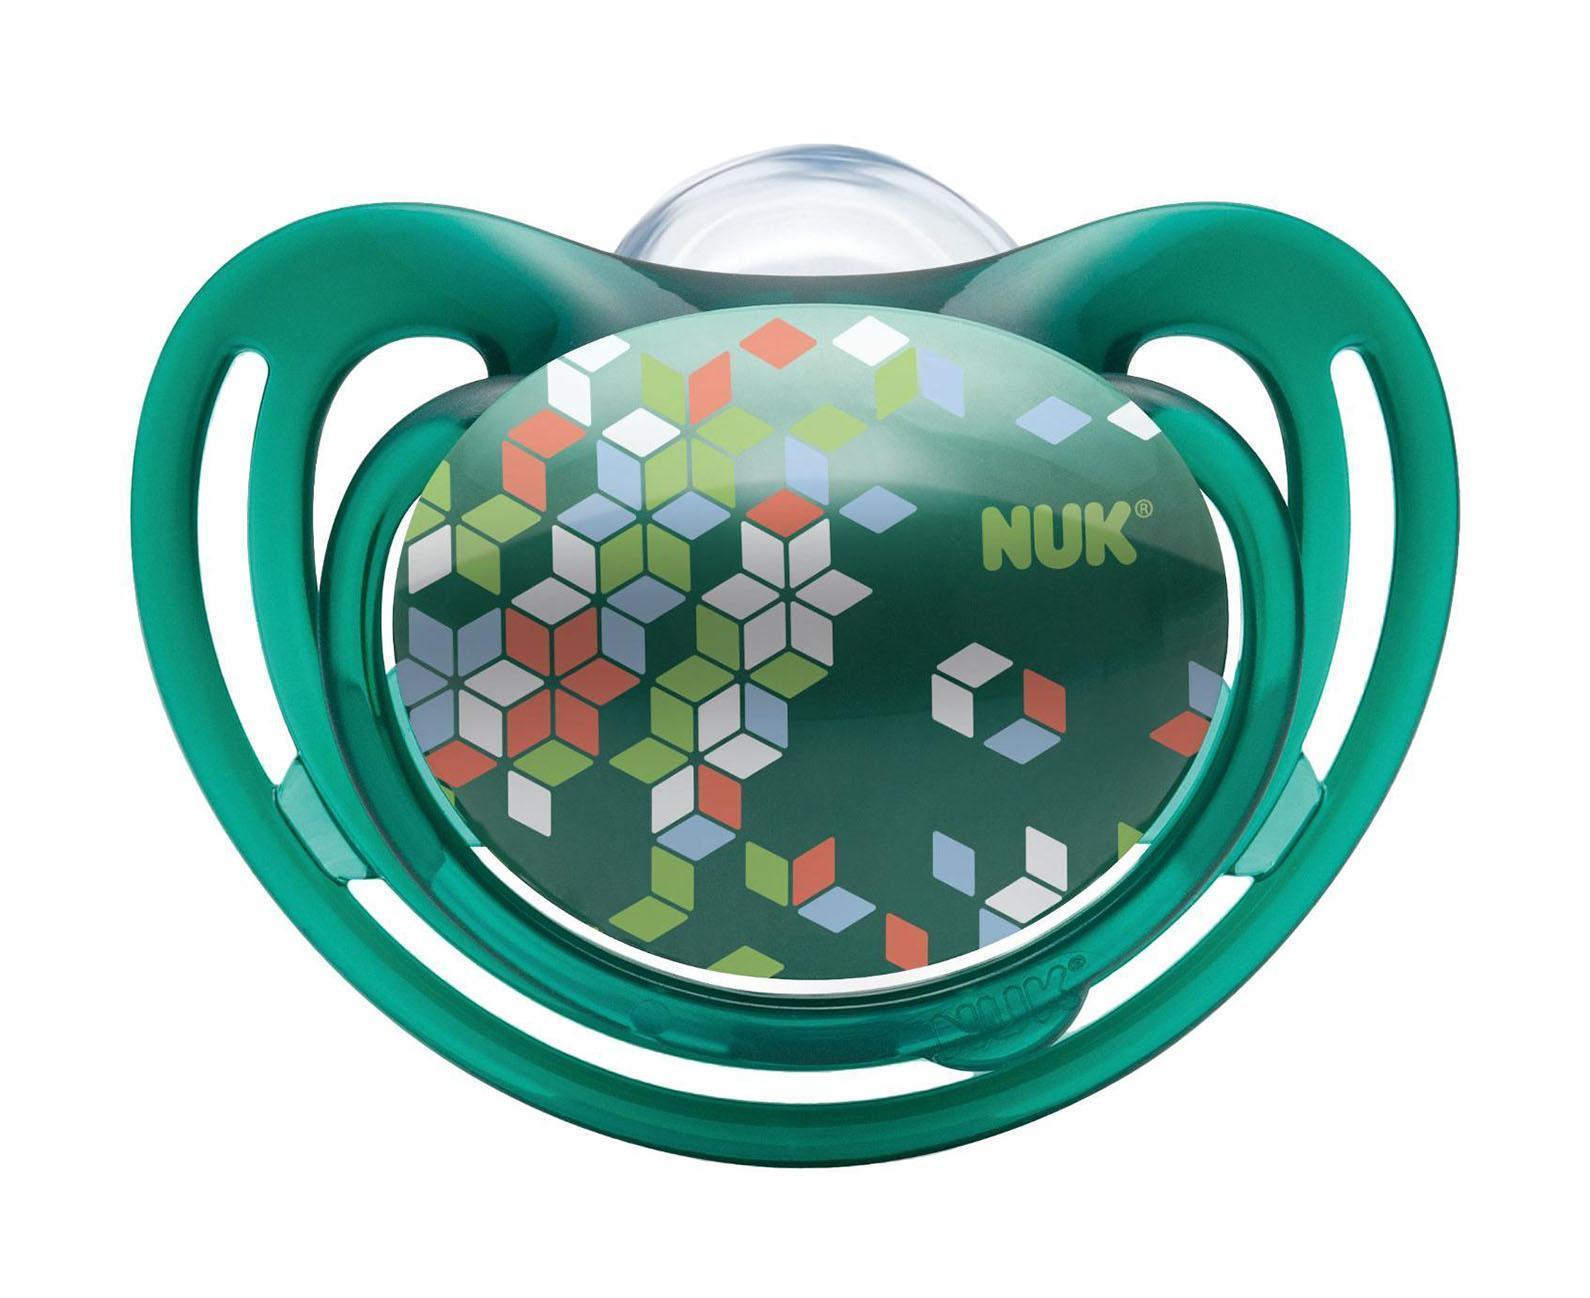 Пустышка силиконовая для сна NUK Freestyle, от 18 до 36 месяцев, ортодонтическая, цвет: зеленый, 2 шт пустышка силиконовая nuk genius ортодонтическая от 18 до 36 месяцев цвет белый голубой